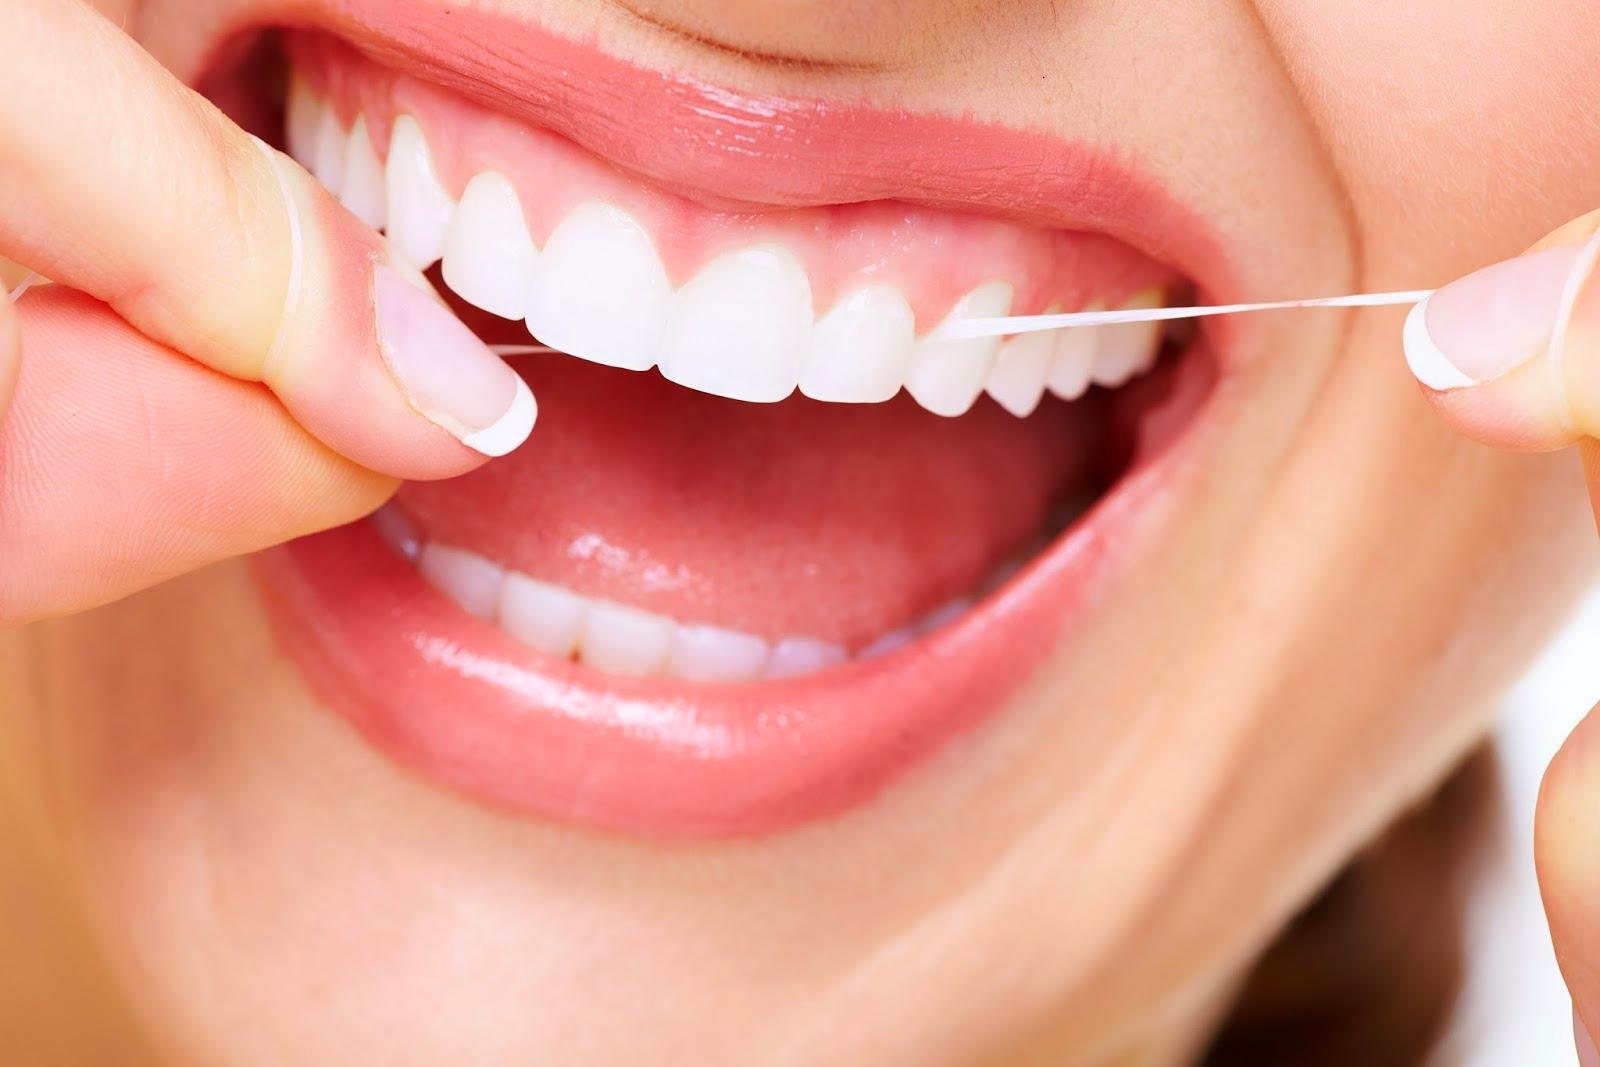 Berbagai Macam Tanaman Hias Tips Memutihkan Gigi Secara Alami Dan Cepat